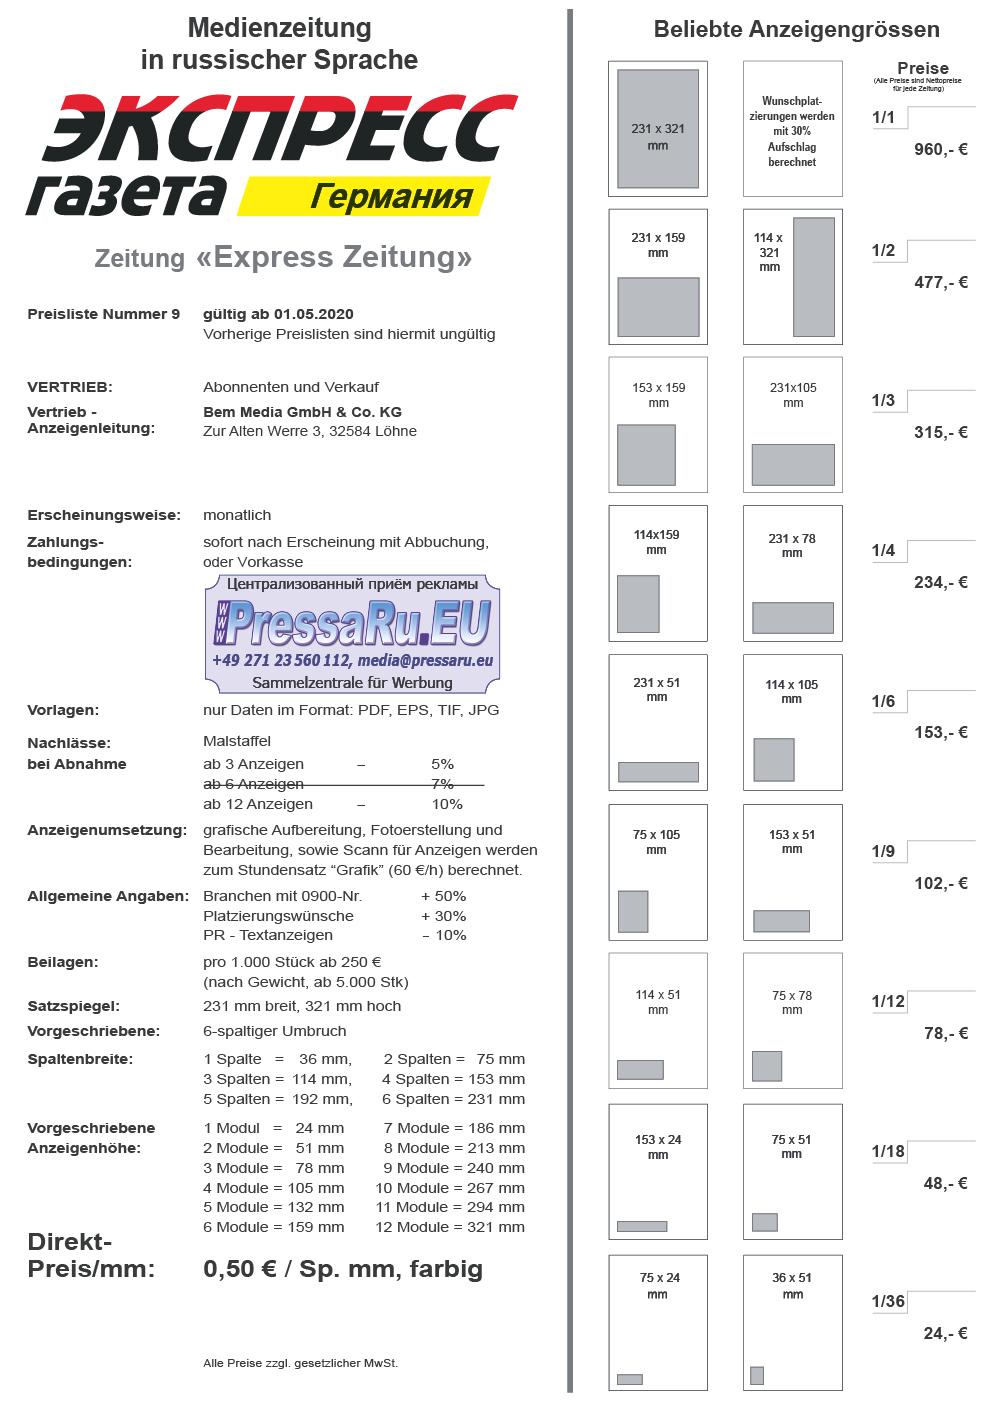 Реклама в Экспресс газета (газета), цены